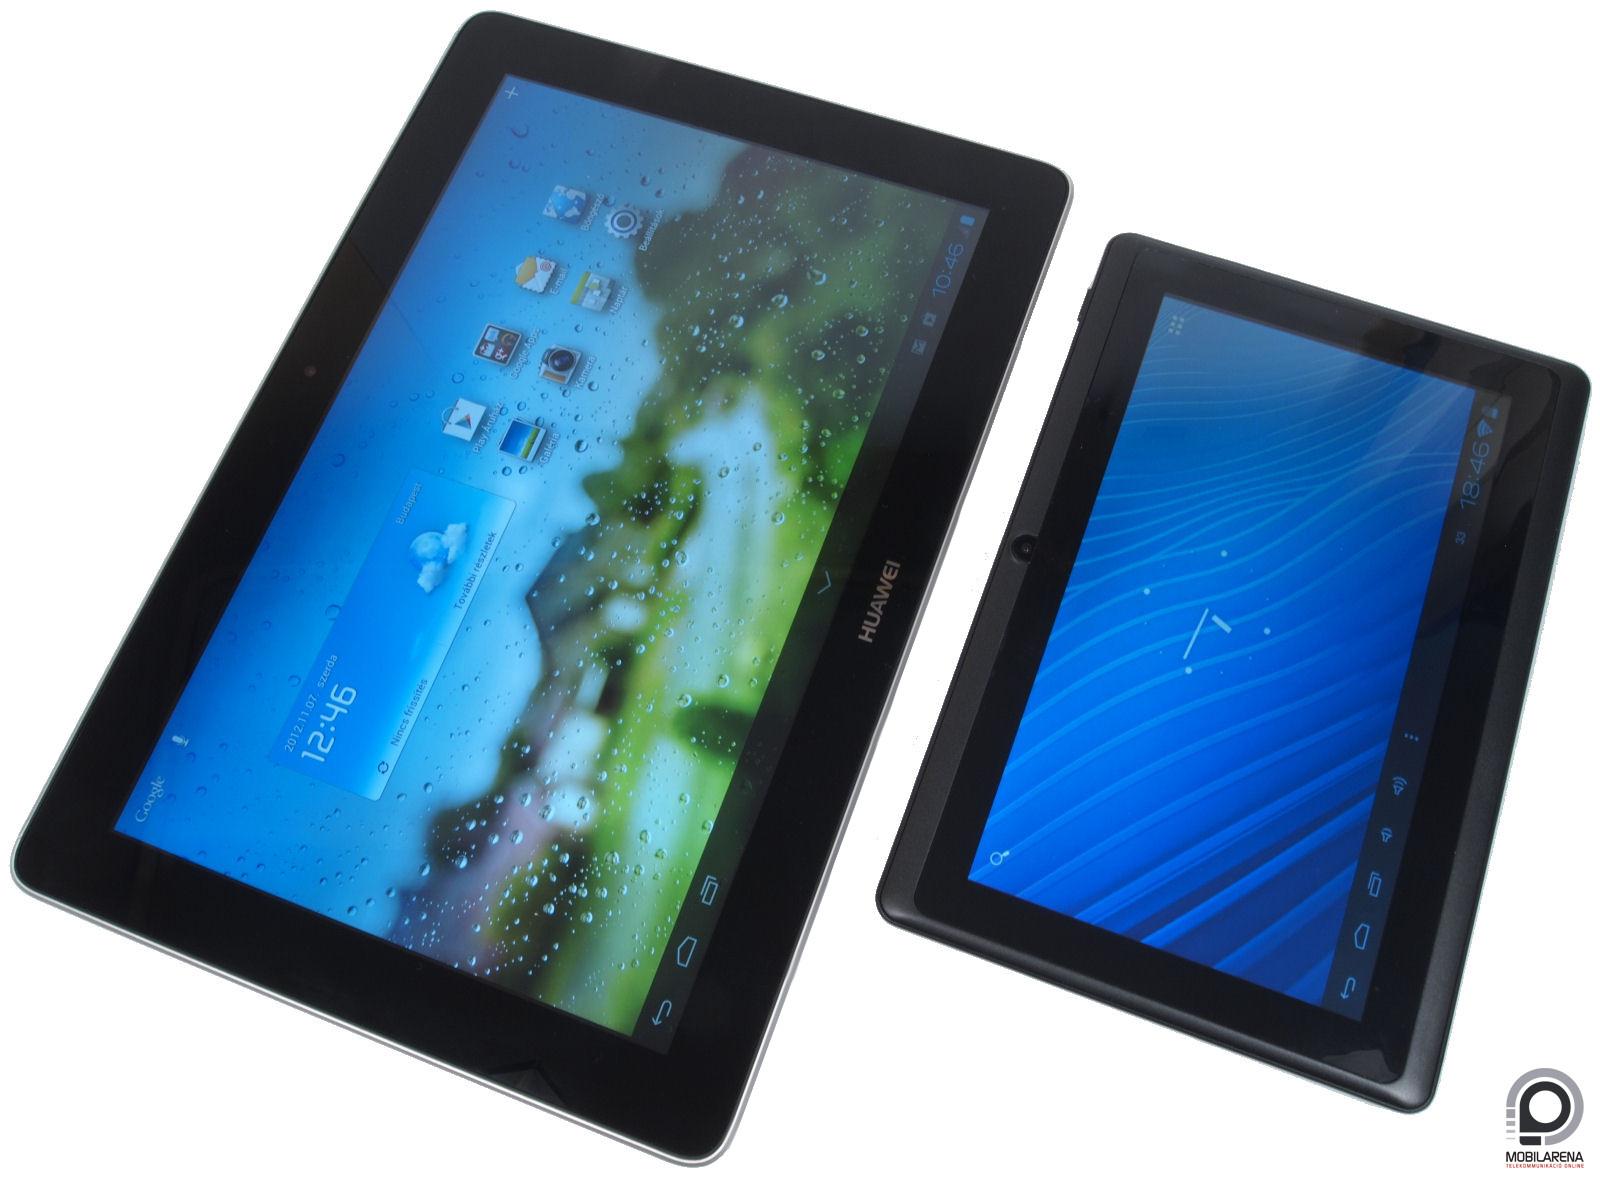 Huawei MediaPad 10 FHD - hazai pályán játszik